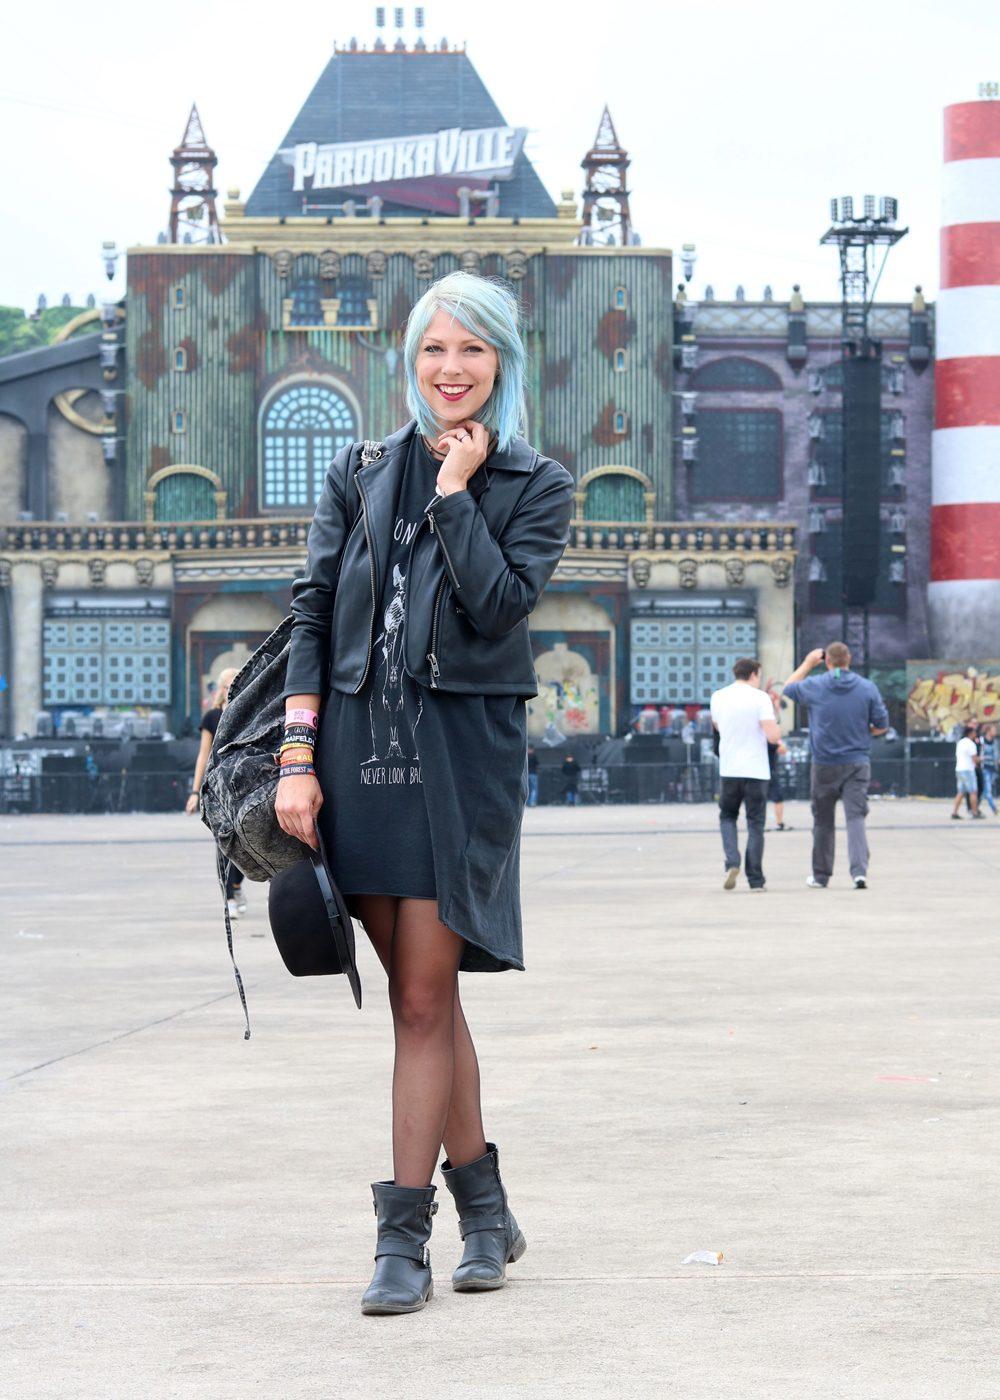 Festivaloutfit Parookaville Bikerlook Hut blaue Haare Fashionblogger (4)